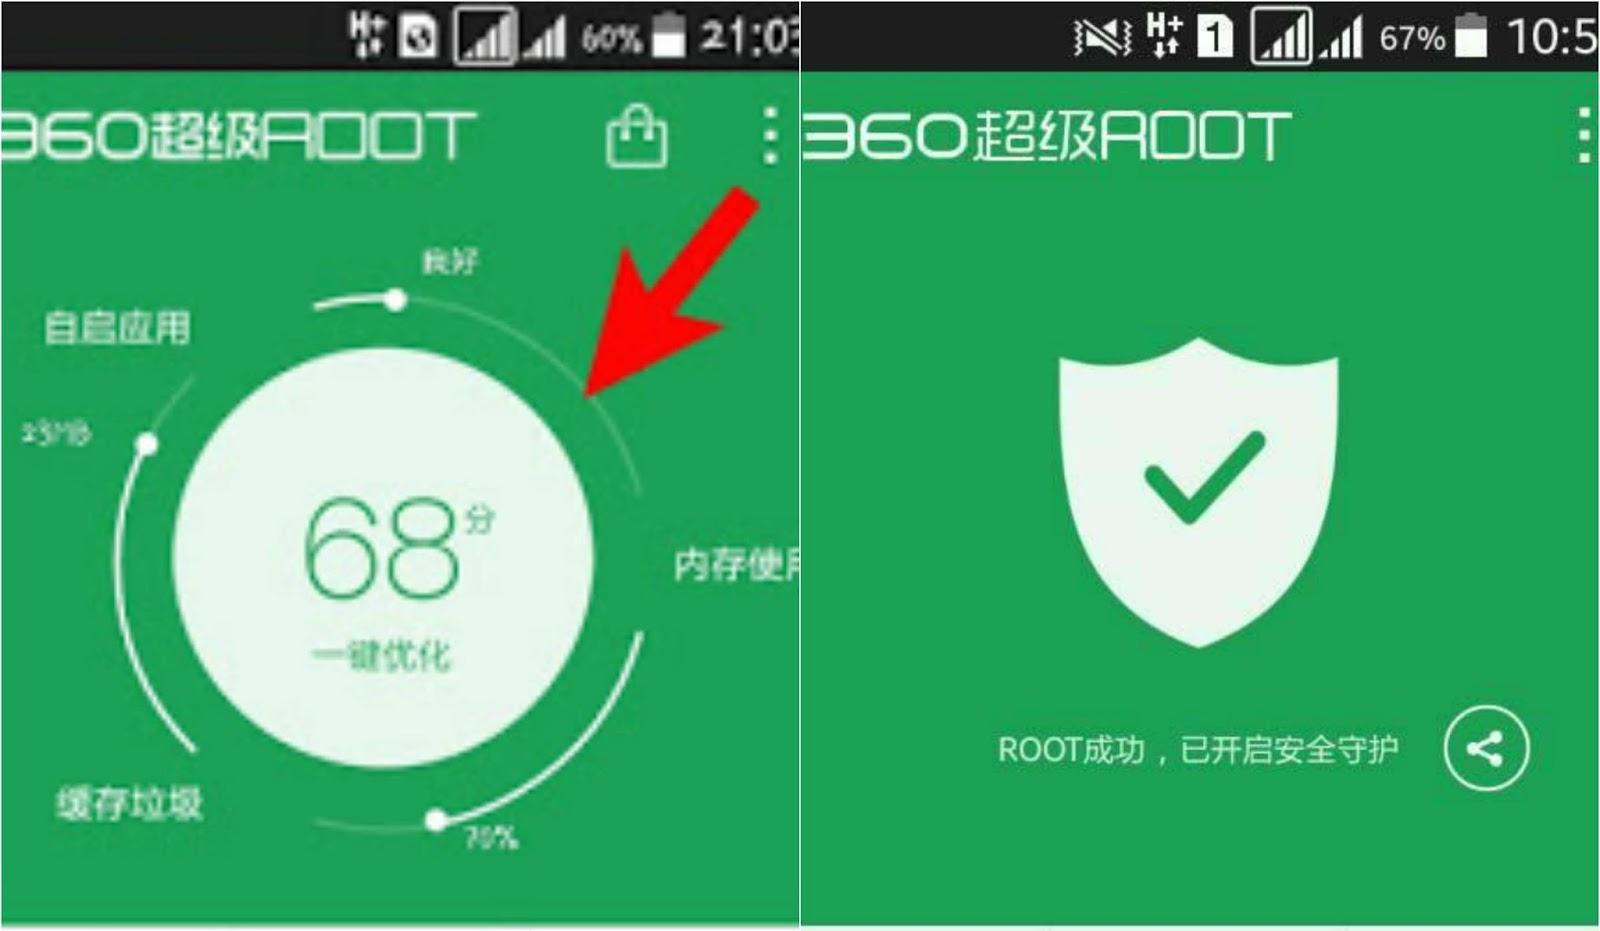 Cara Mudah Root Samsung Galaxy J1 Tanpa PC - Andronod